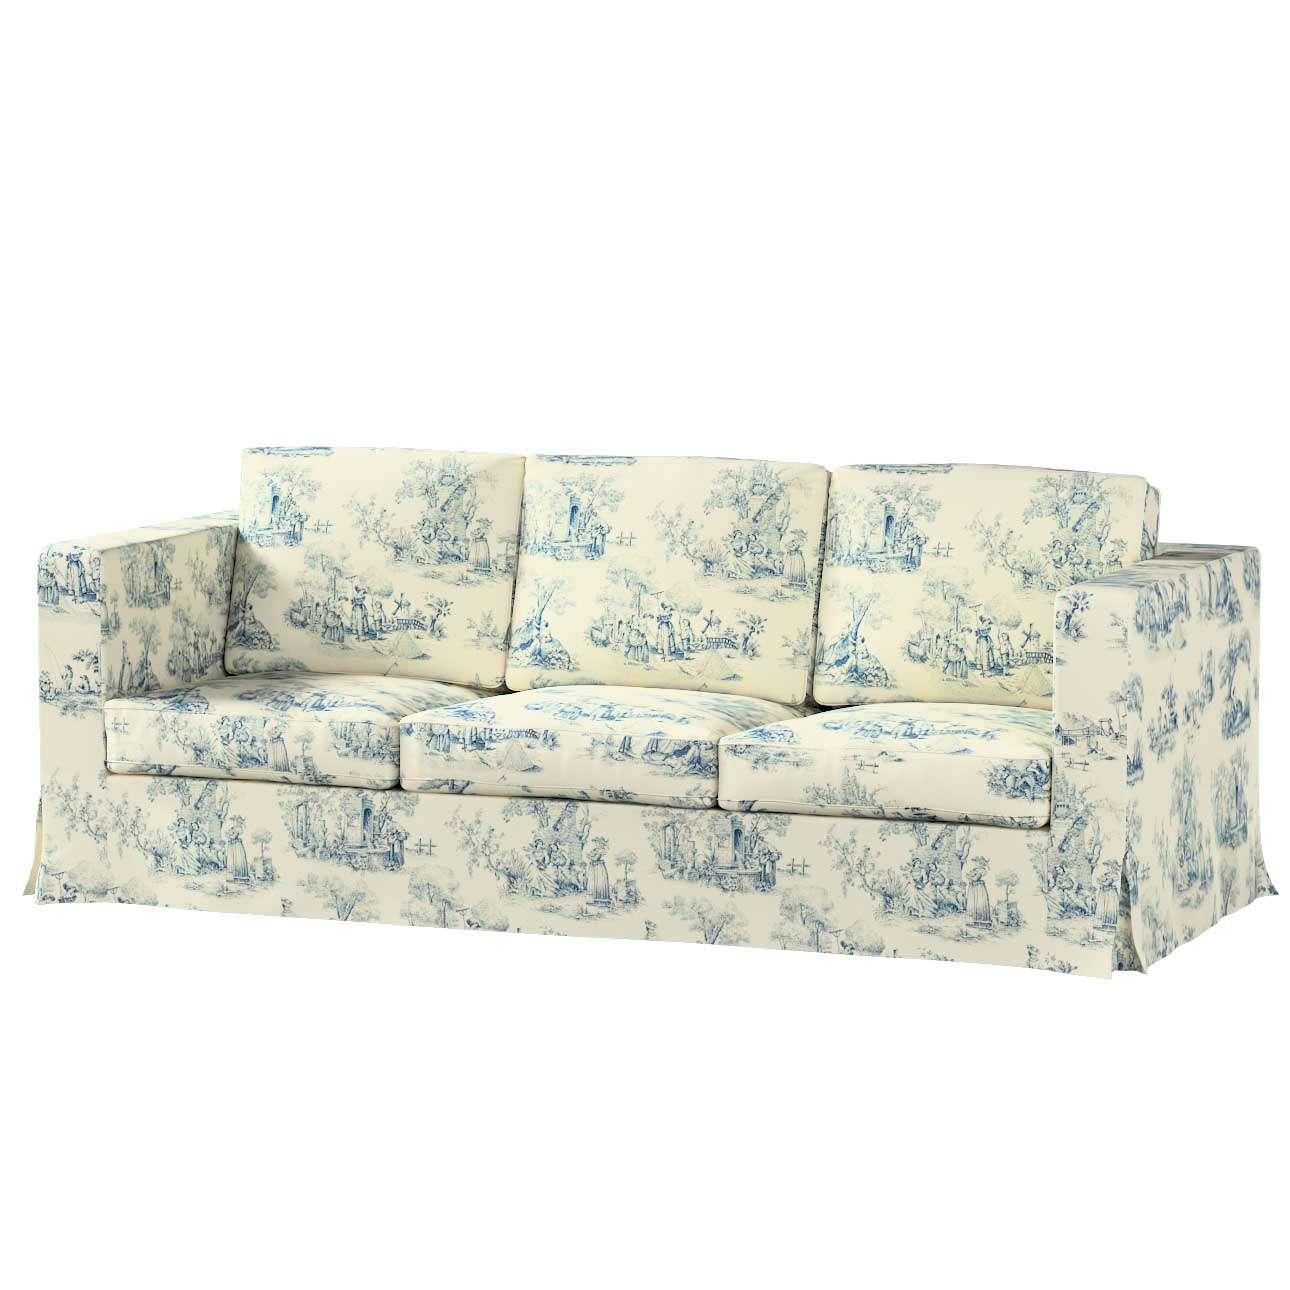 Pokrowiec na sofę Karlanda 3-osobową nierozkładaną, długi Sofa Karlanda 3-os w kolekcji Avinon, tkanina: 132-66